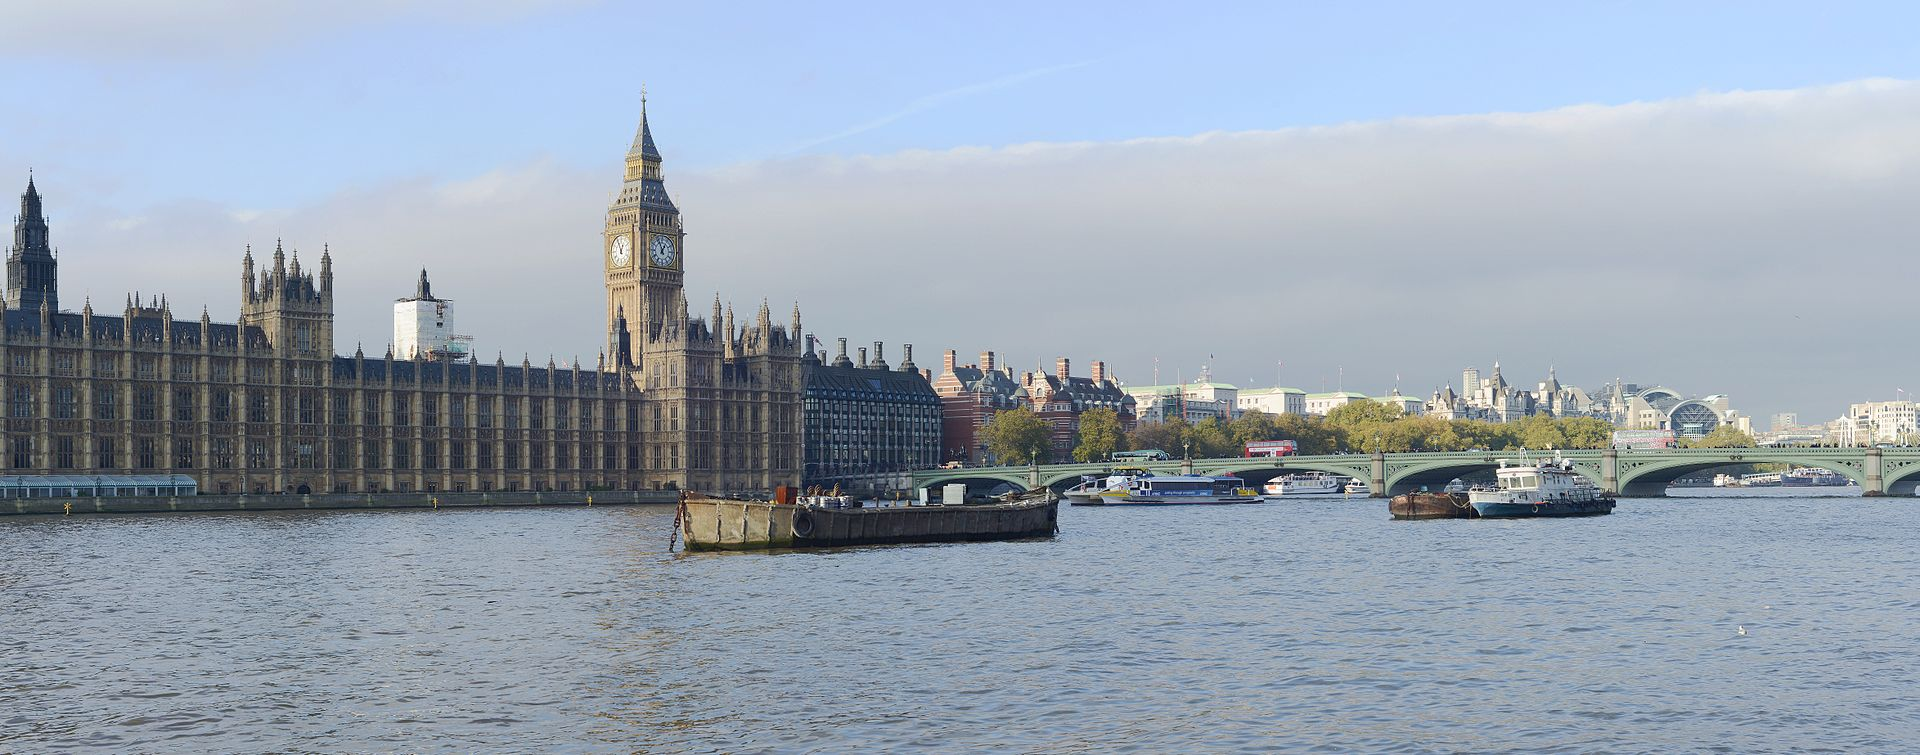 Brytyjczycy też nie zostawiają wszystkiego rynkowi... (Fot. WIkimedia Commons, Alvesgaspar, CC-BY-SA 3.0)